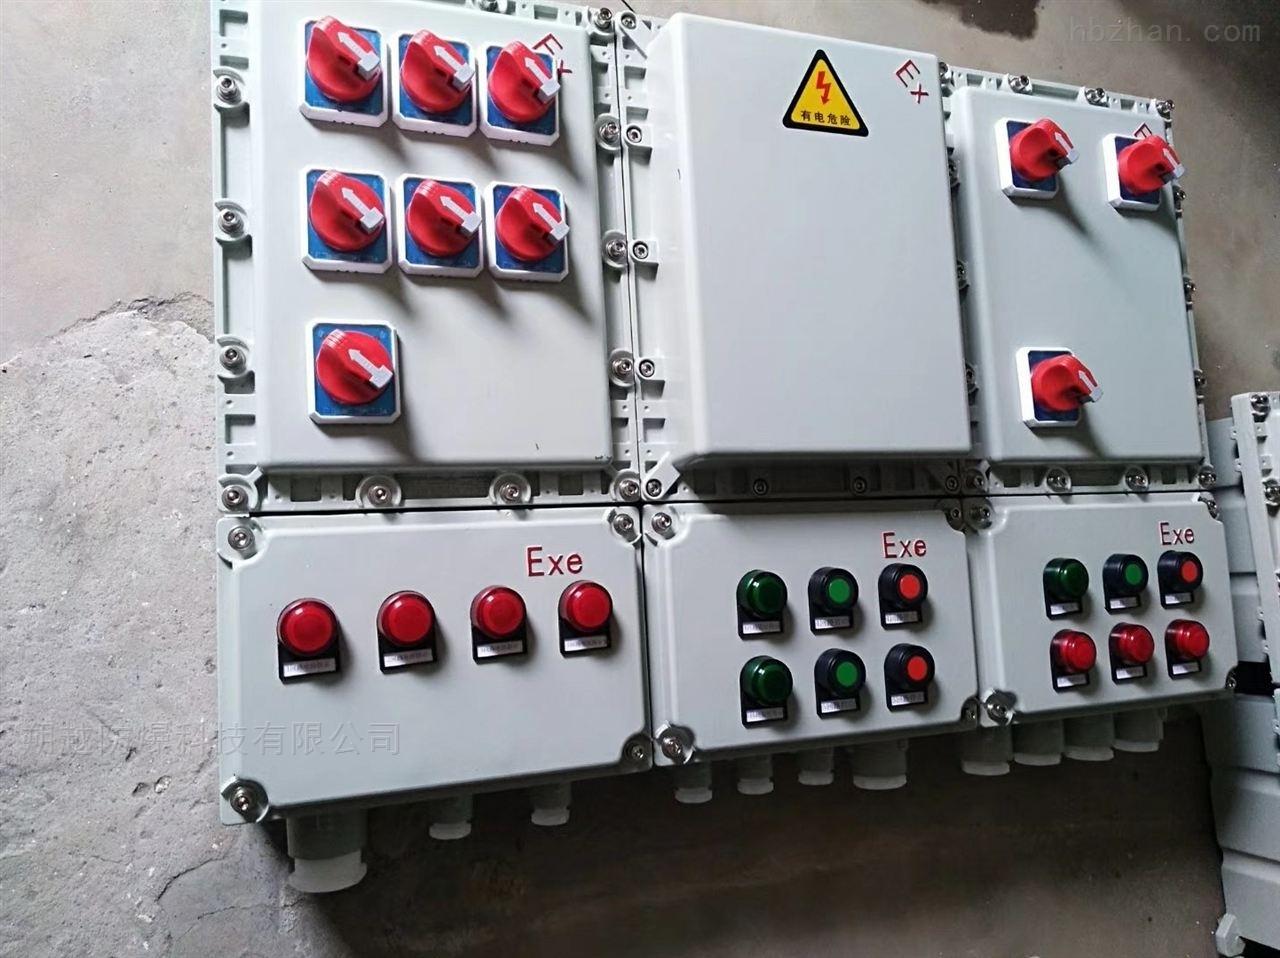 防爆控制柜对外壳有何要求